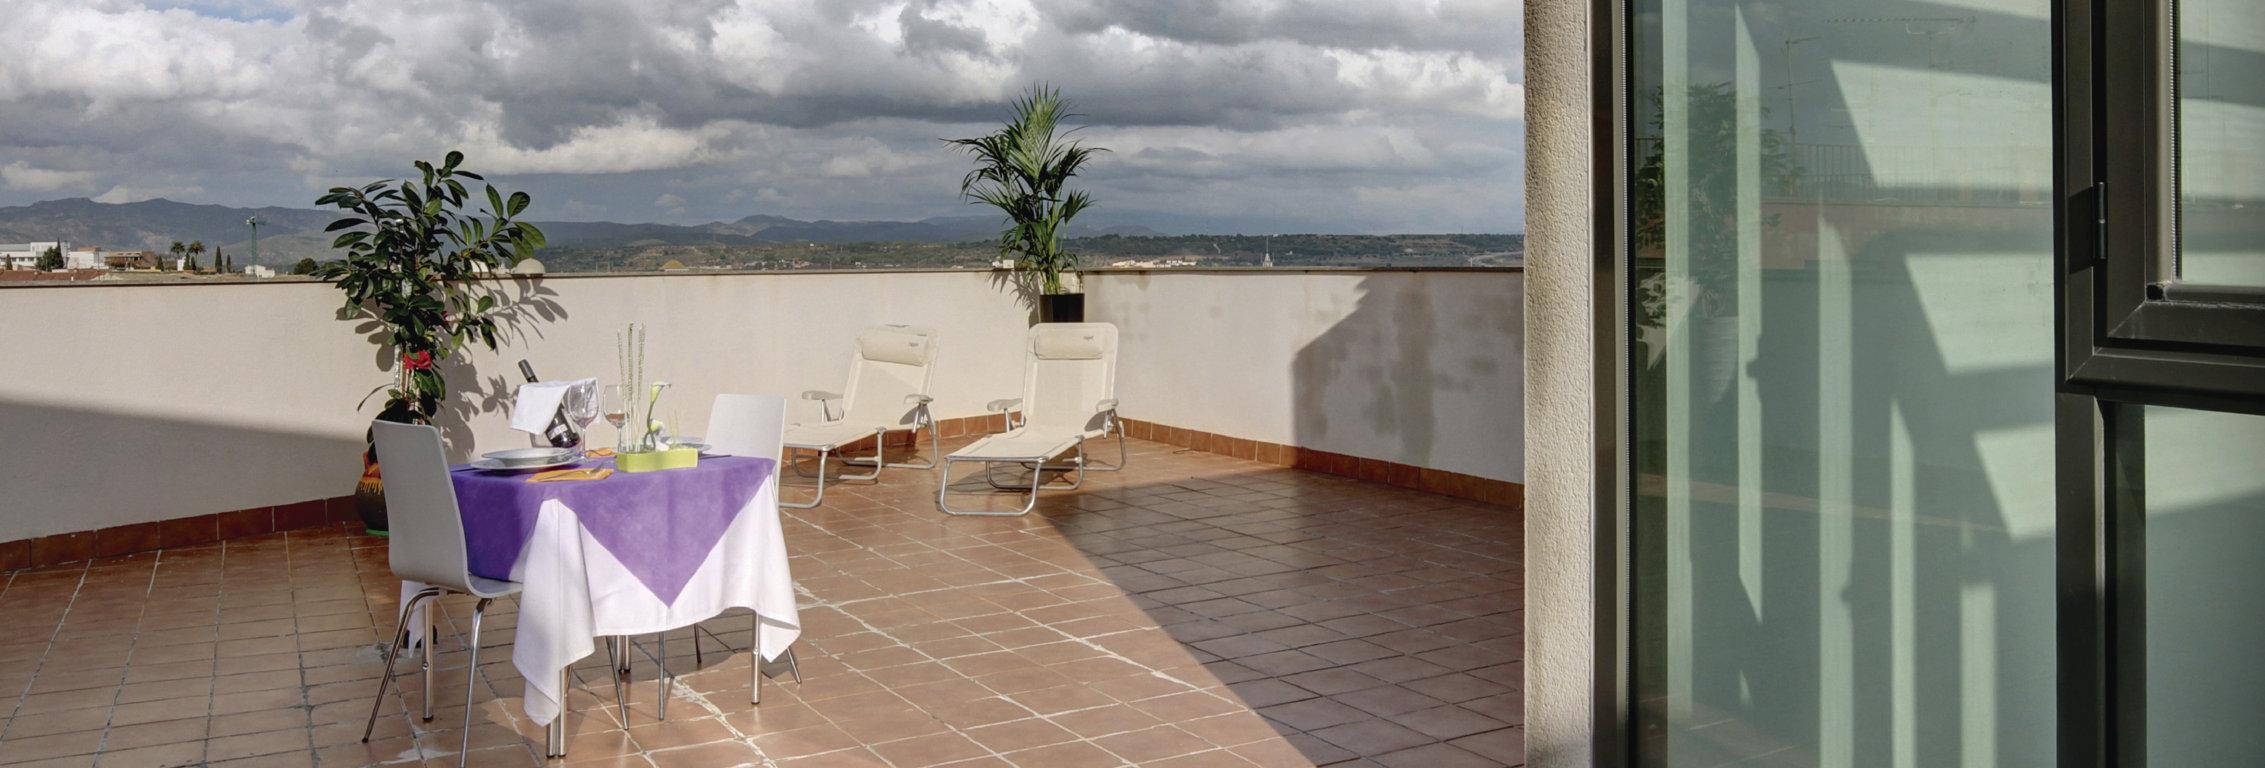 terrassa hostal gastronomic la creu mora ebre tarragona restaurant-01 (FILEminimizer)